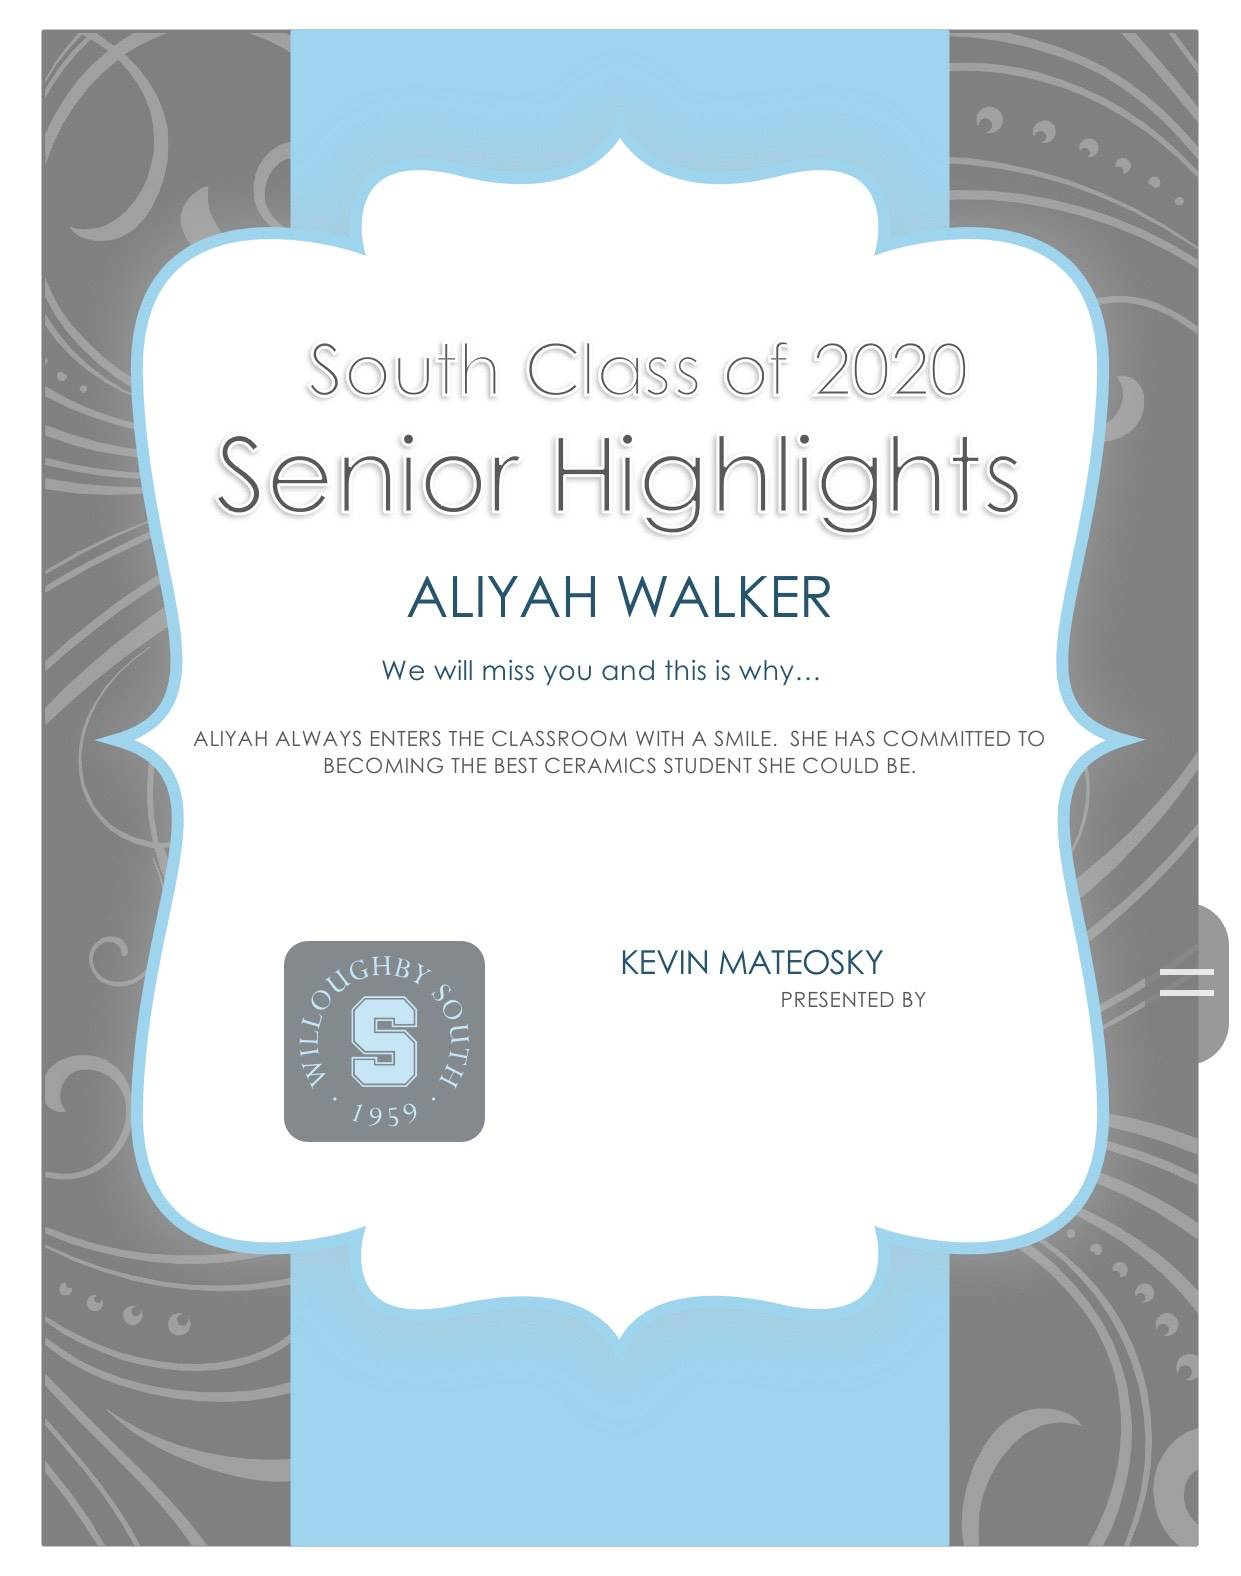 Aliyah Walker